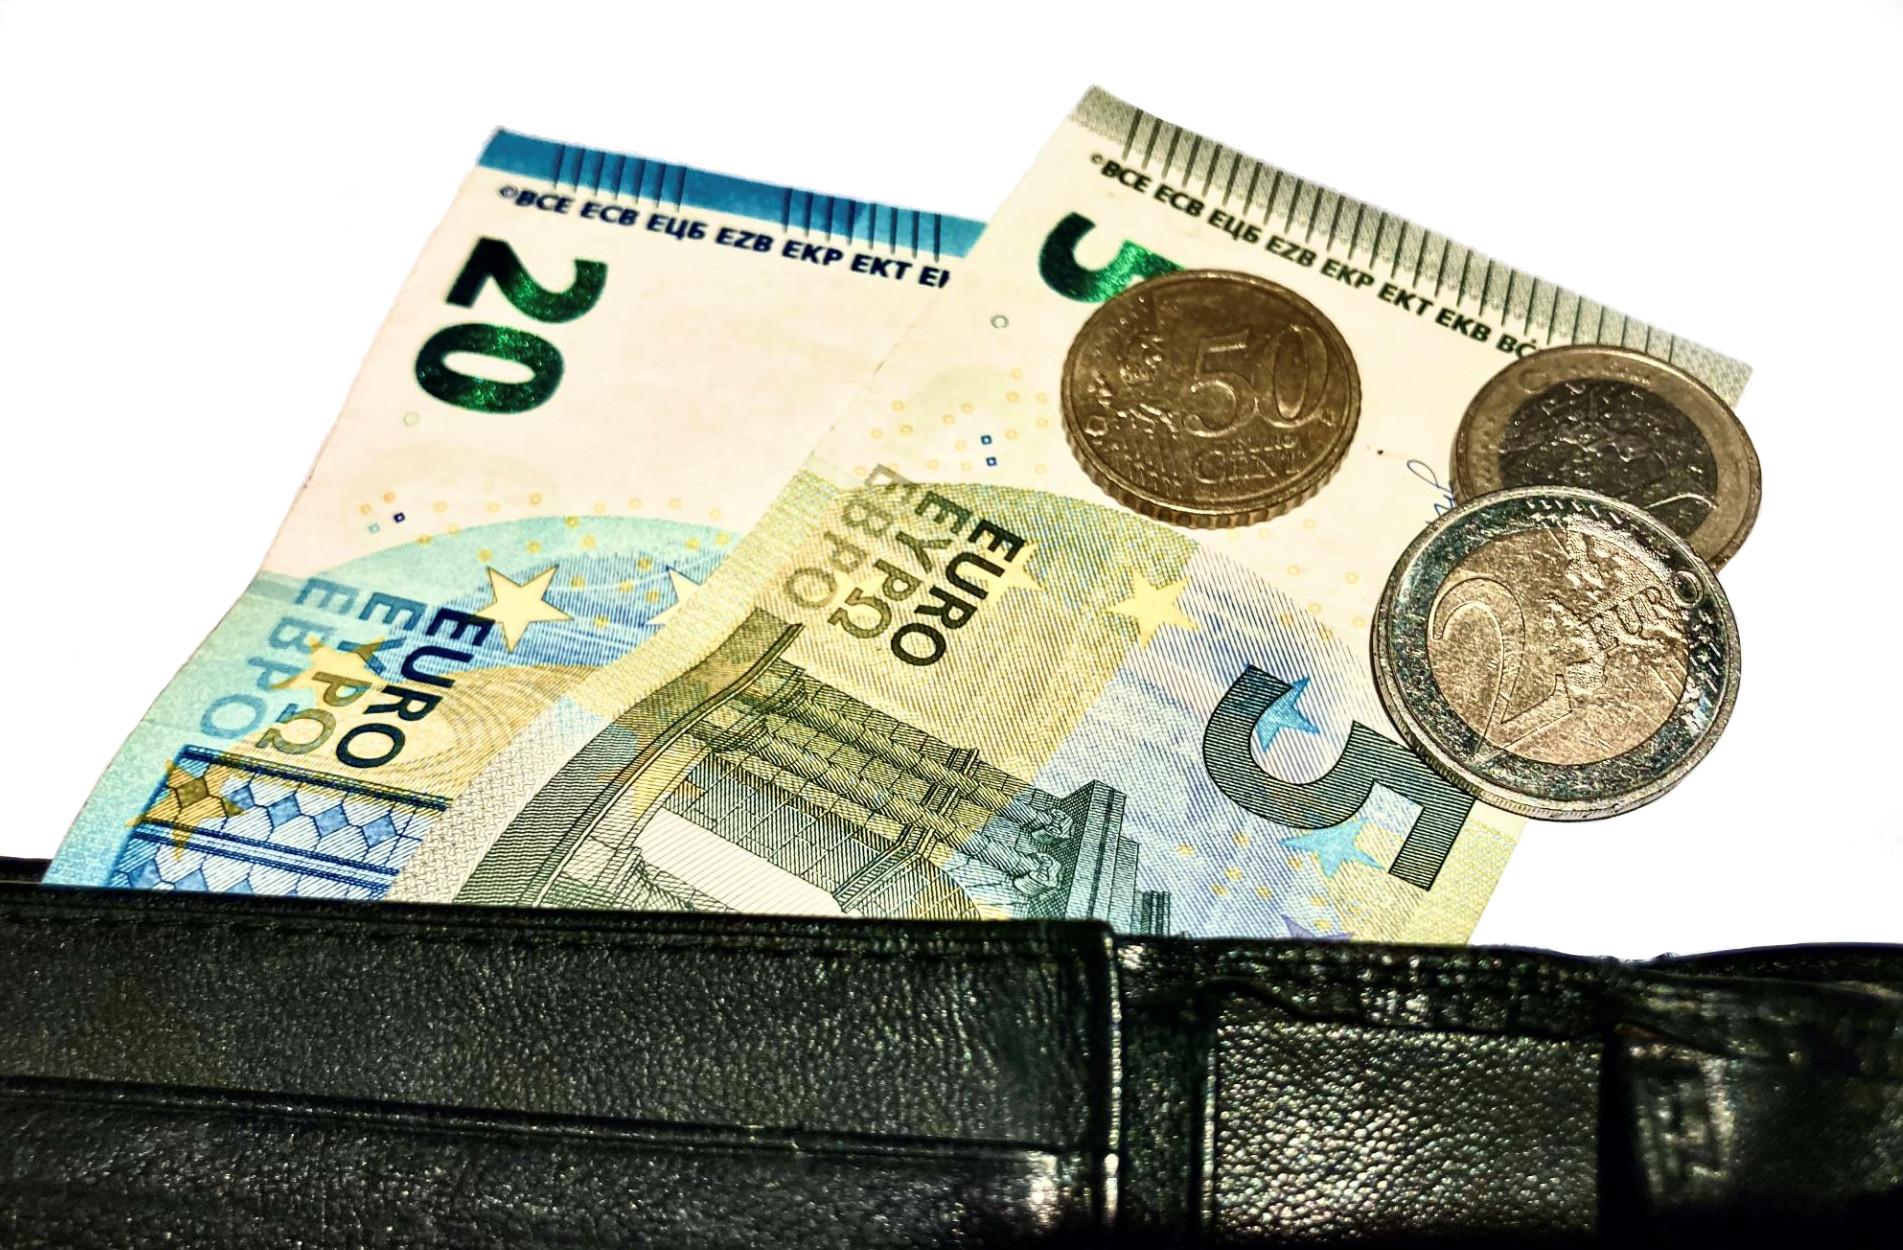 Verfahrenskosten korrigierter Bußgeldbescheide übernimmt der Staat